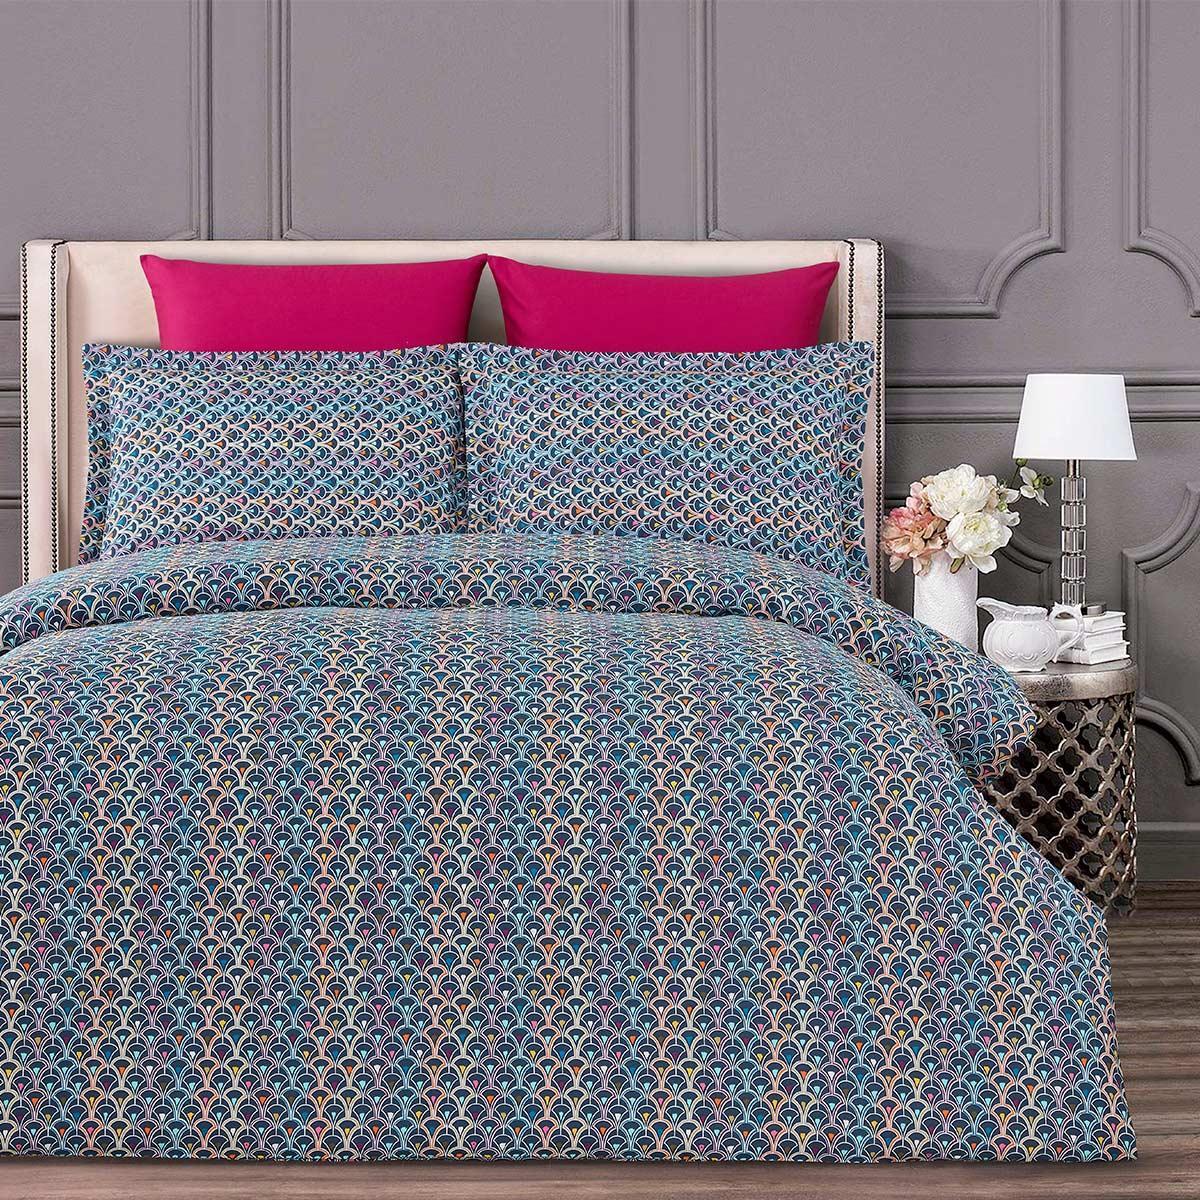 Комплект постельного белья 160х220 см Сатин Luis Alamode Arya AR-TR1005549